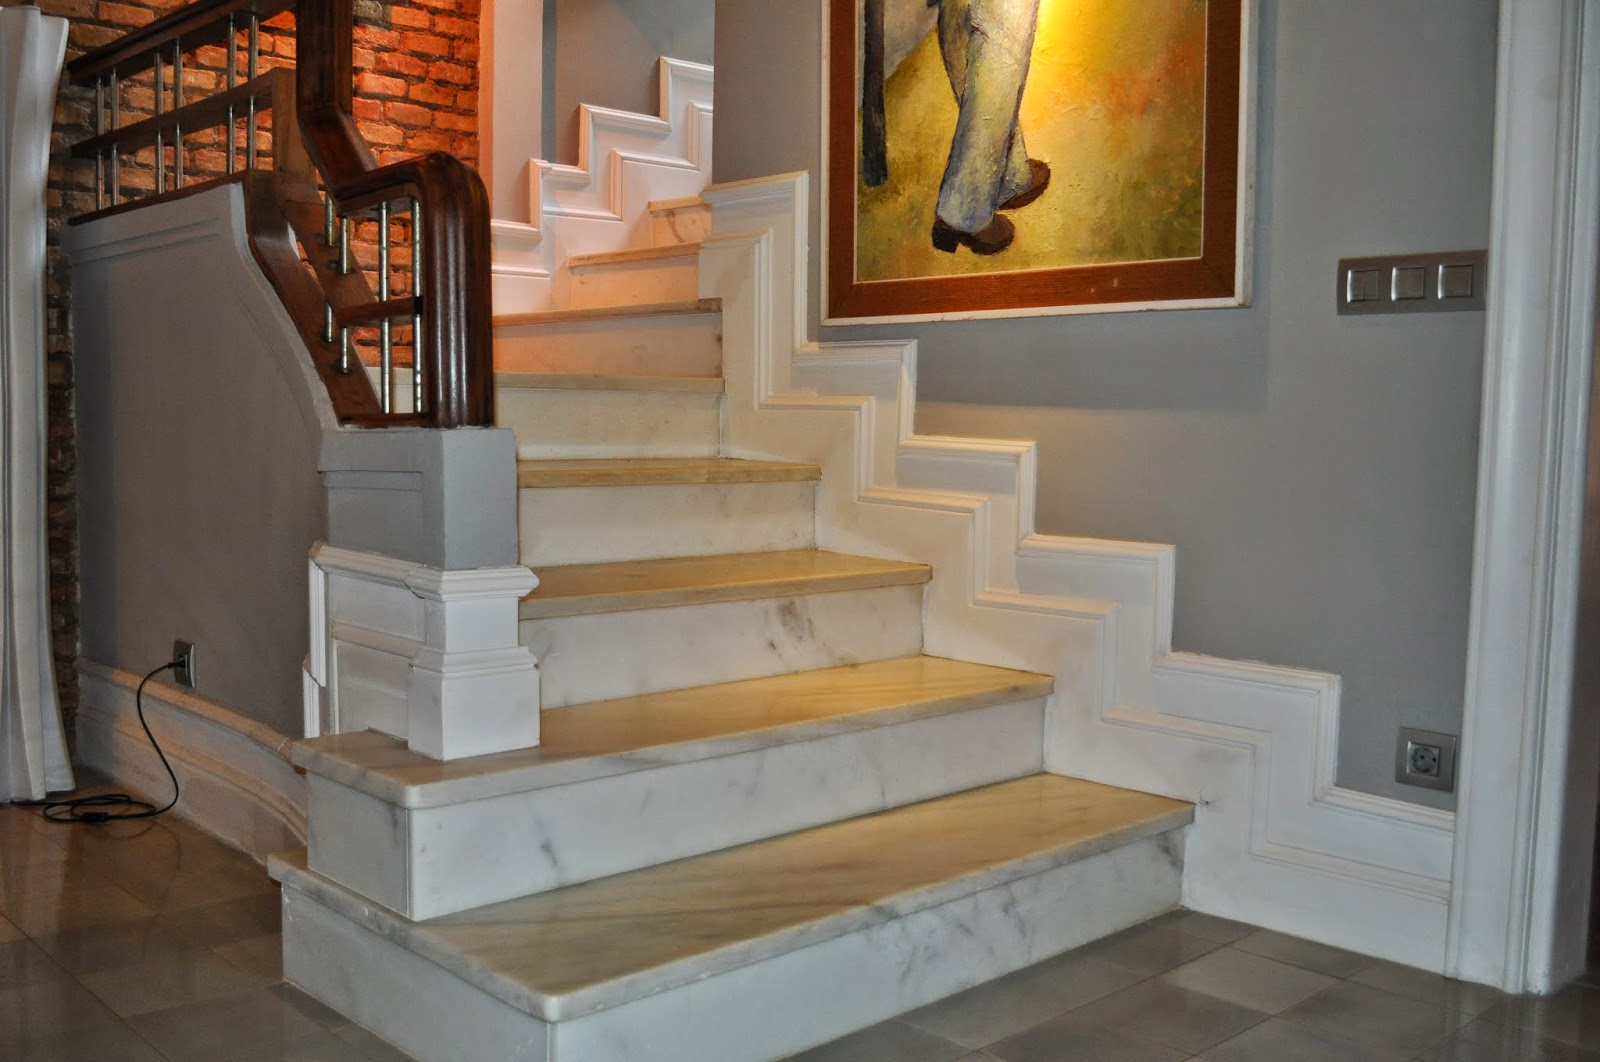 Orac decor espa a diferentes formas de poner el z calo de orac decor en las escaleras - Zocalos para escaleras ...